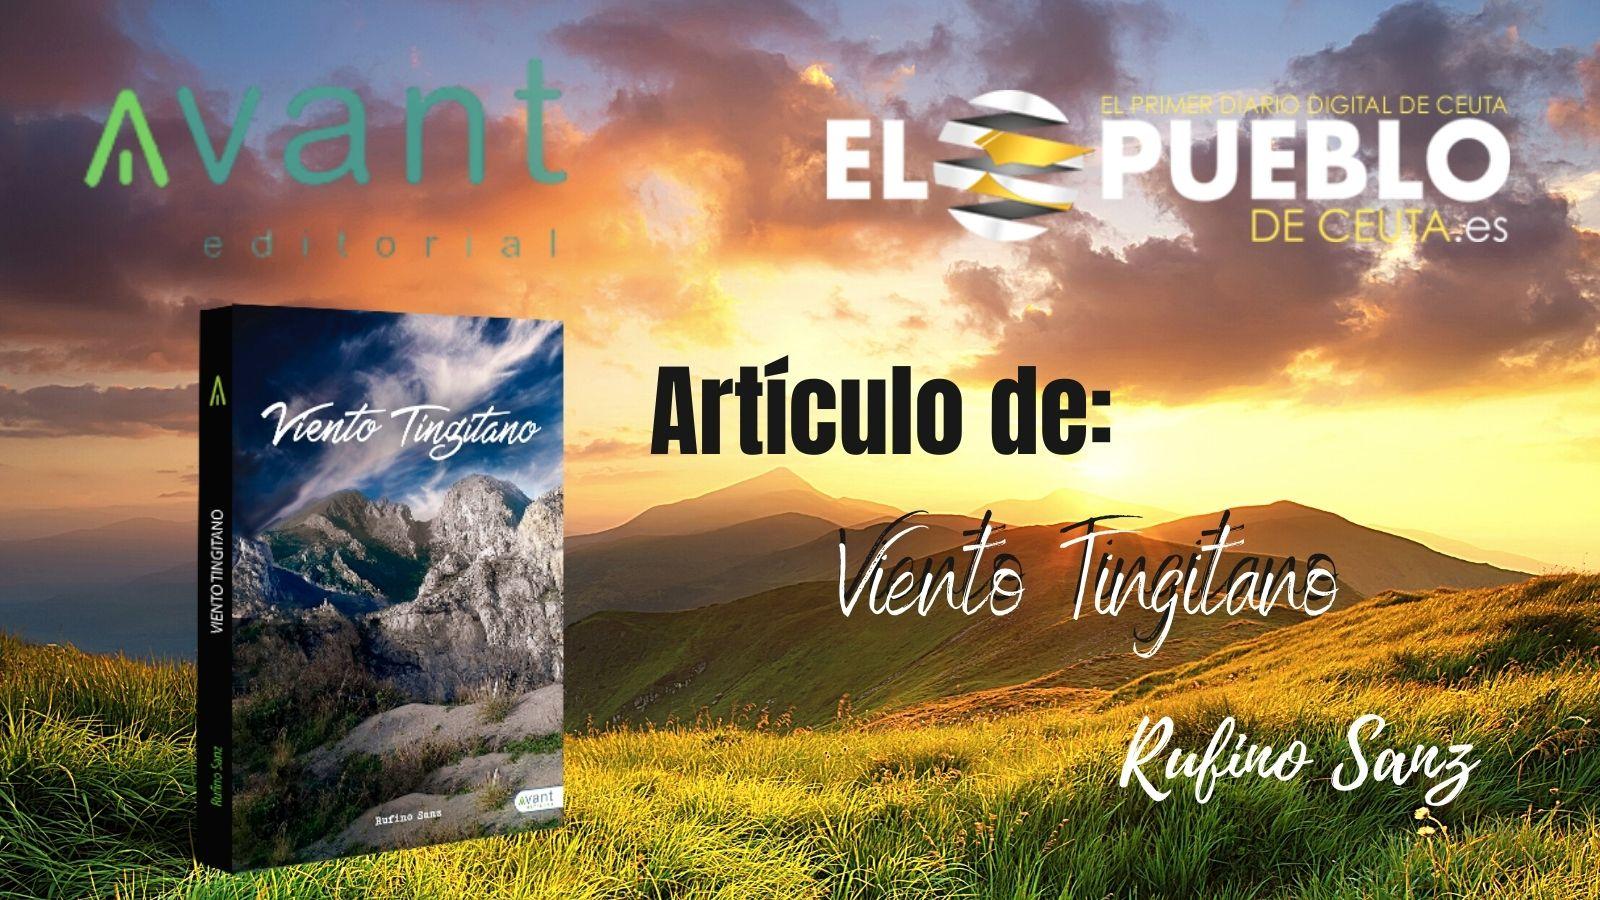 ARTÍCULO VIENTO TINGITANO EL PUEBLO DE CEUTA AVANT EDITORIAL AUTORES